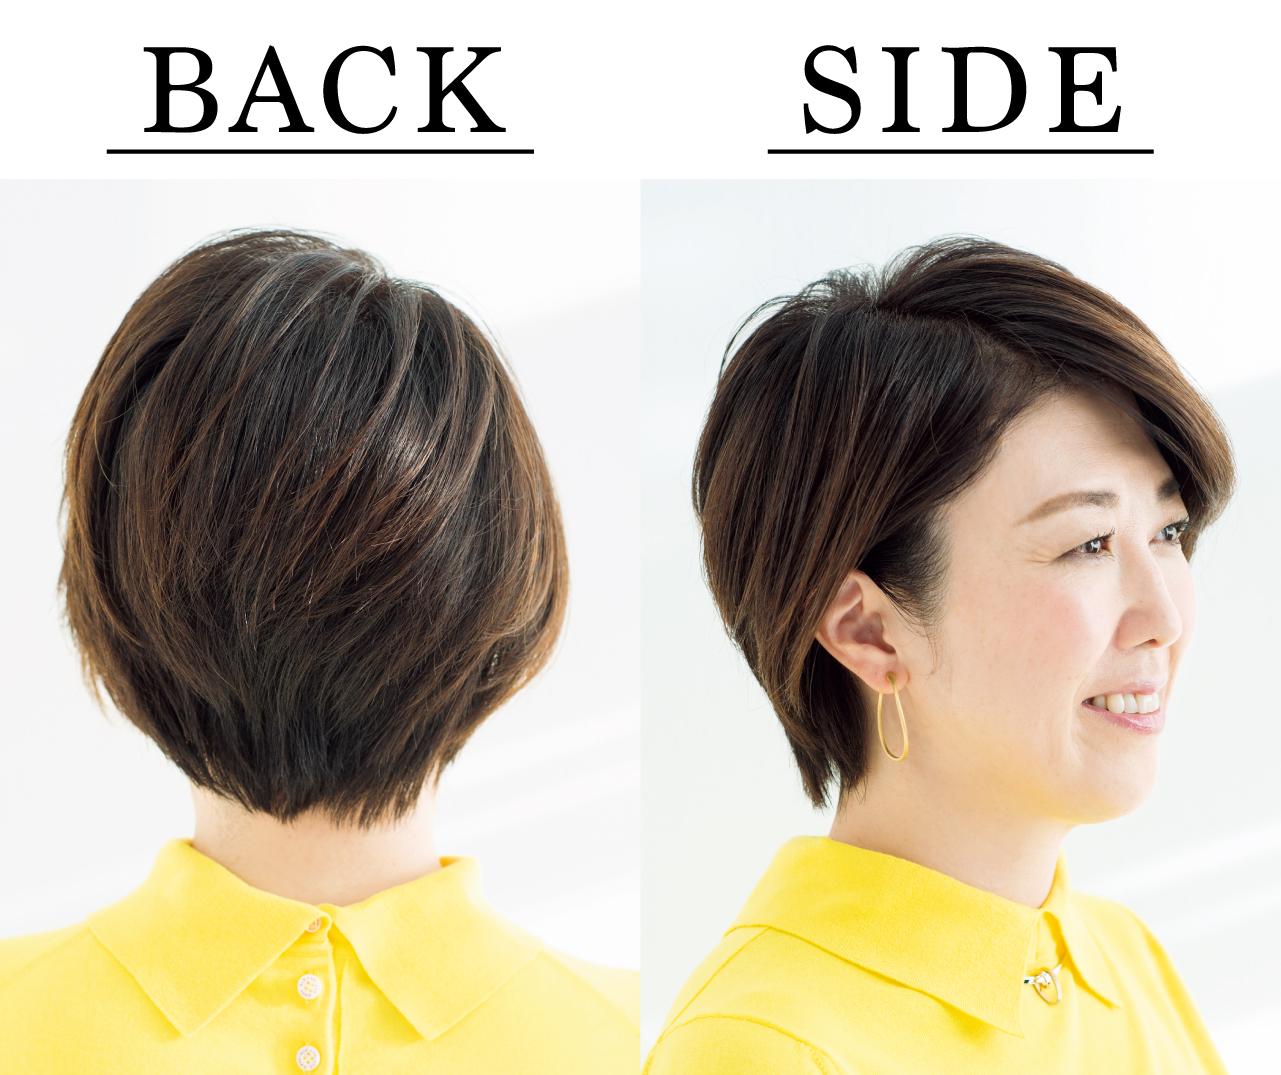 太田有希さん Side Back